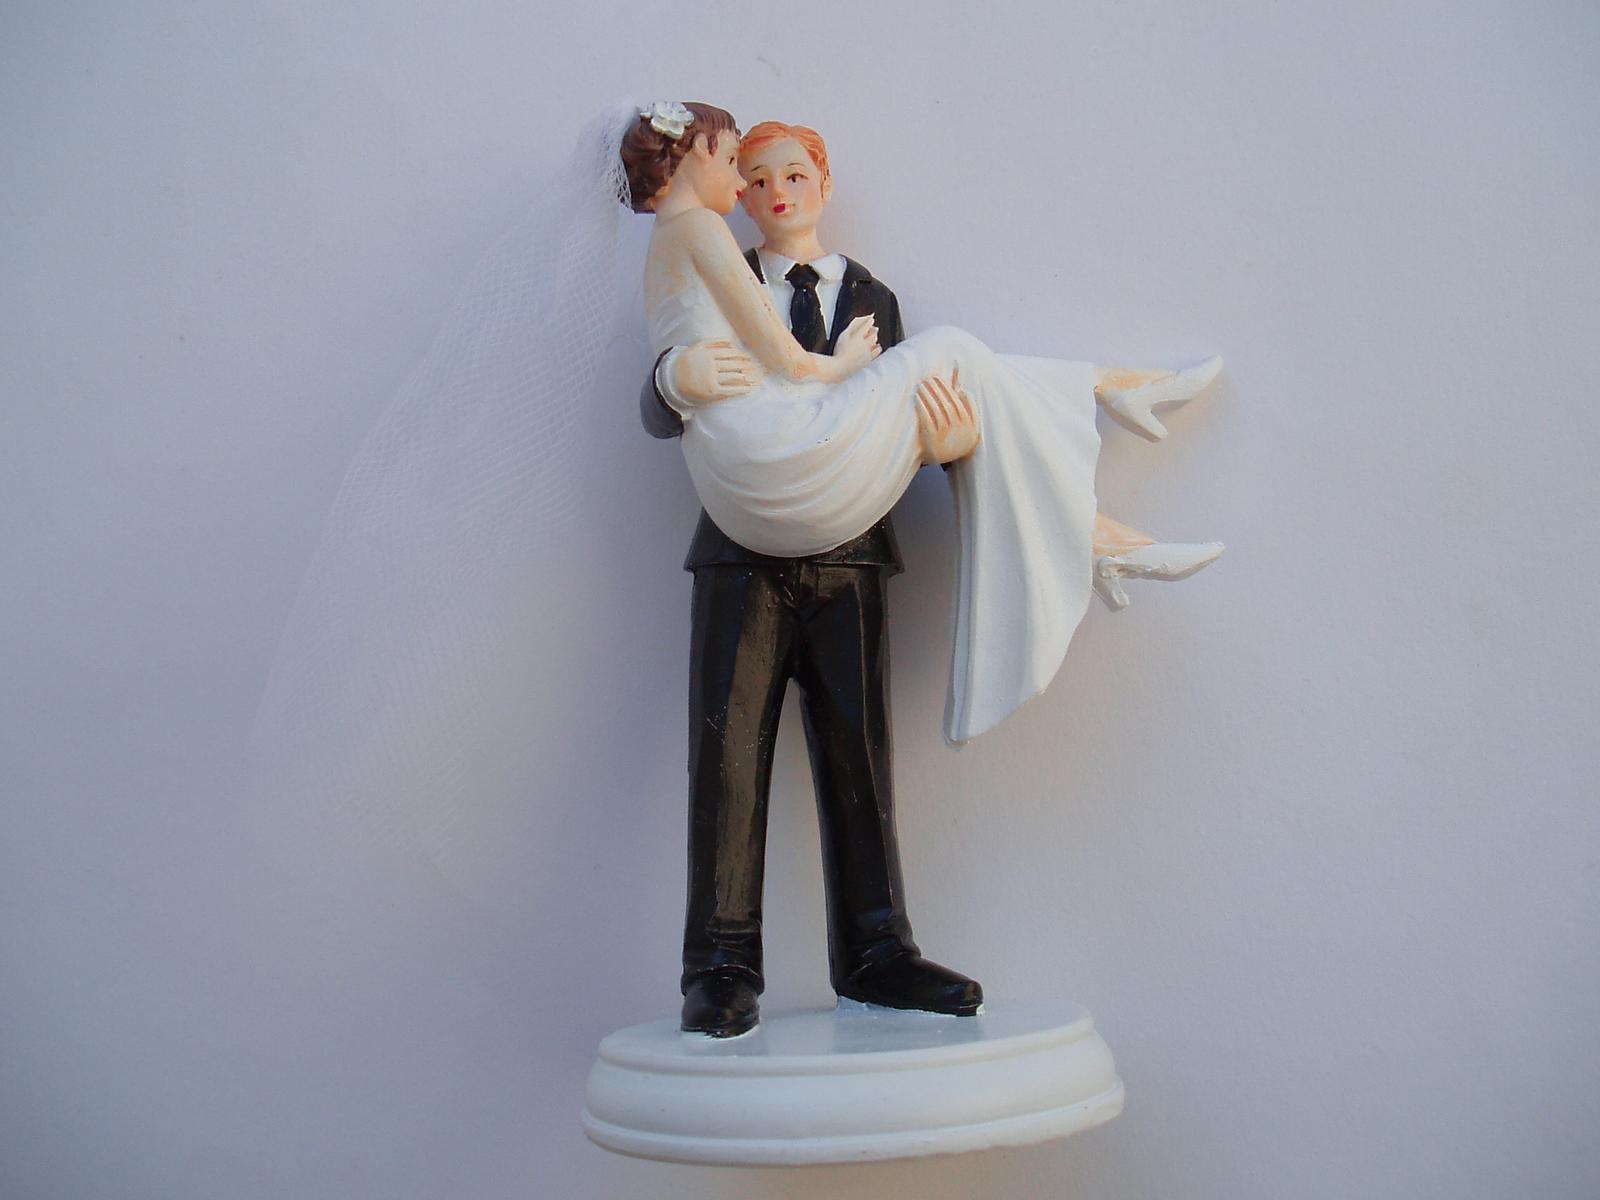 figurky na dort-náruč - Obrázek č. 1